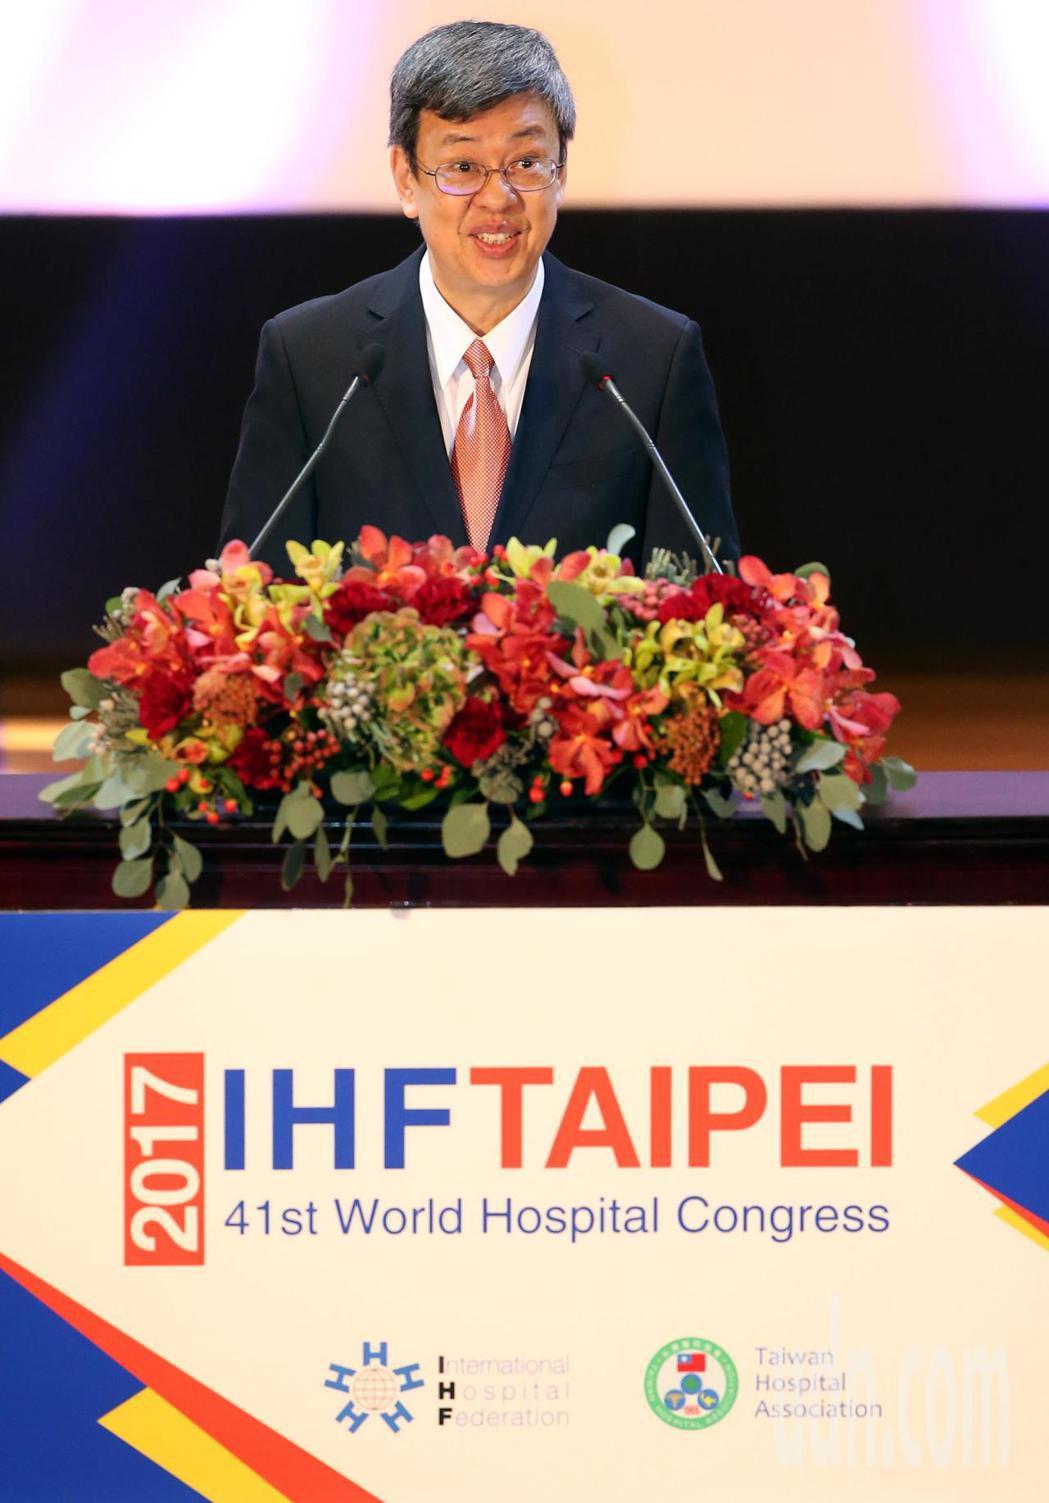 副總統陳建仁上午出席首度在台北舉行的「國際醫院聯盟第41屆世界醫院大會」,致開幕...